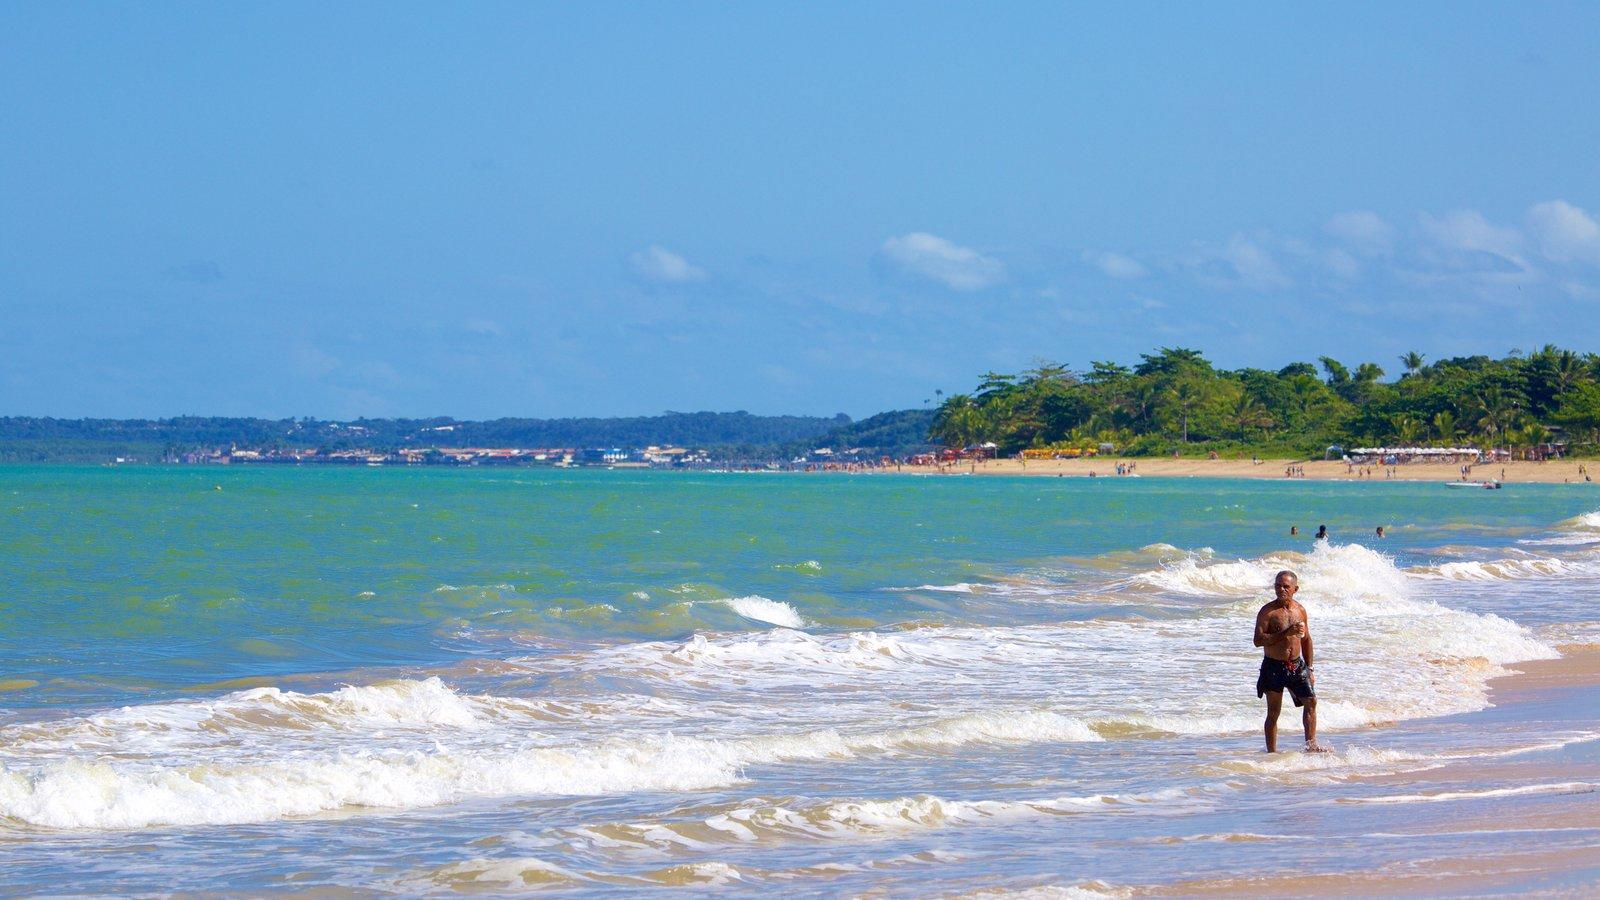 Praia de Taperapuã caracterizando paisagens litorâneas, surfe e uma praia de areia